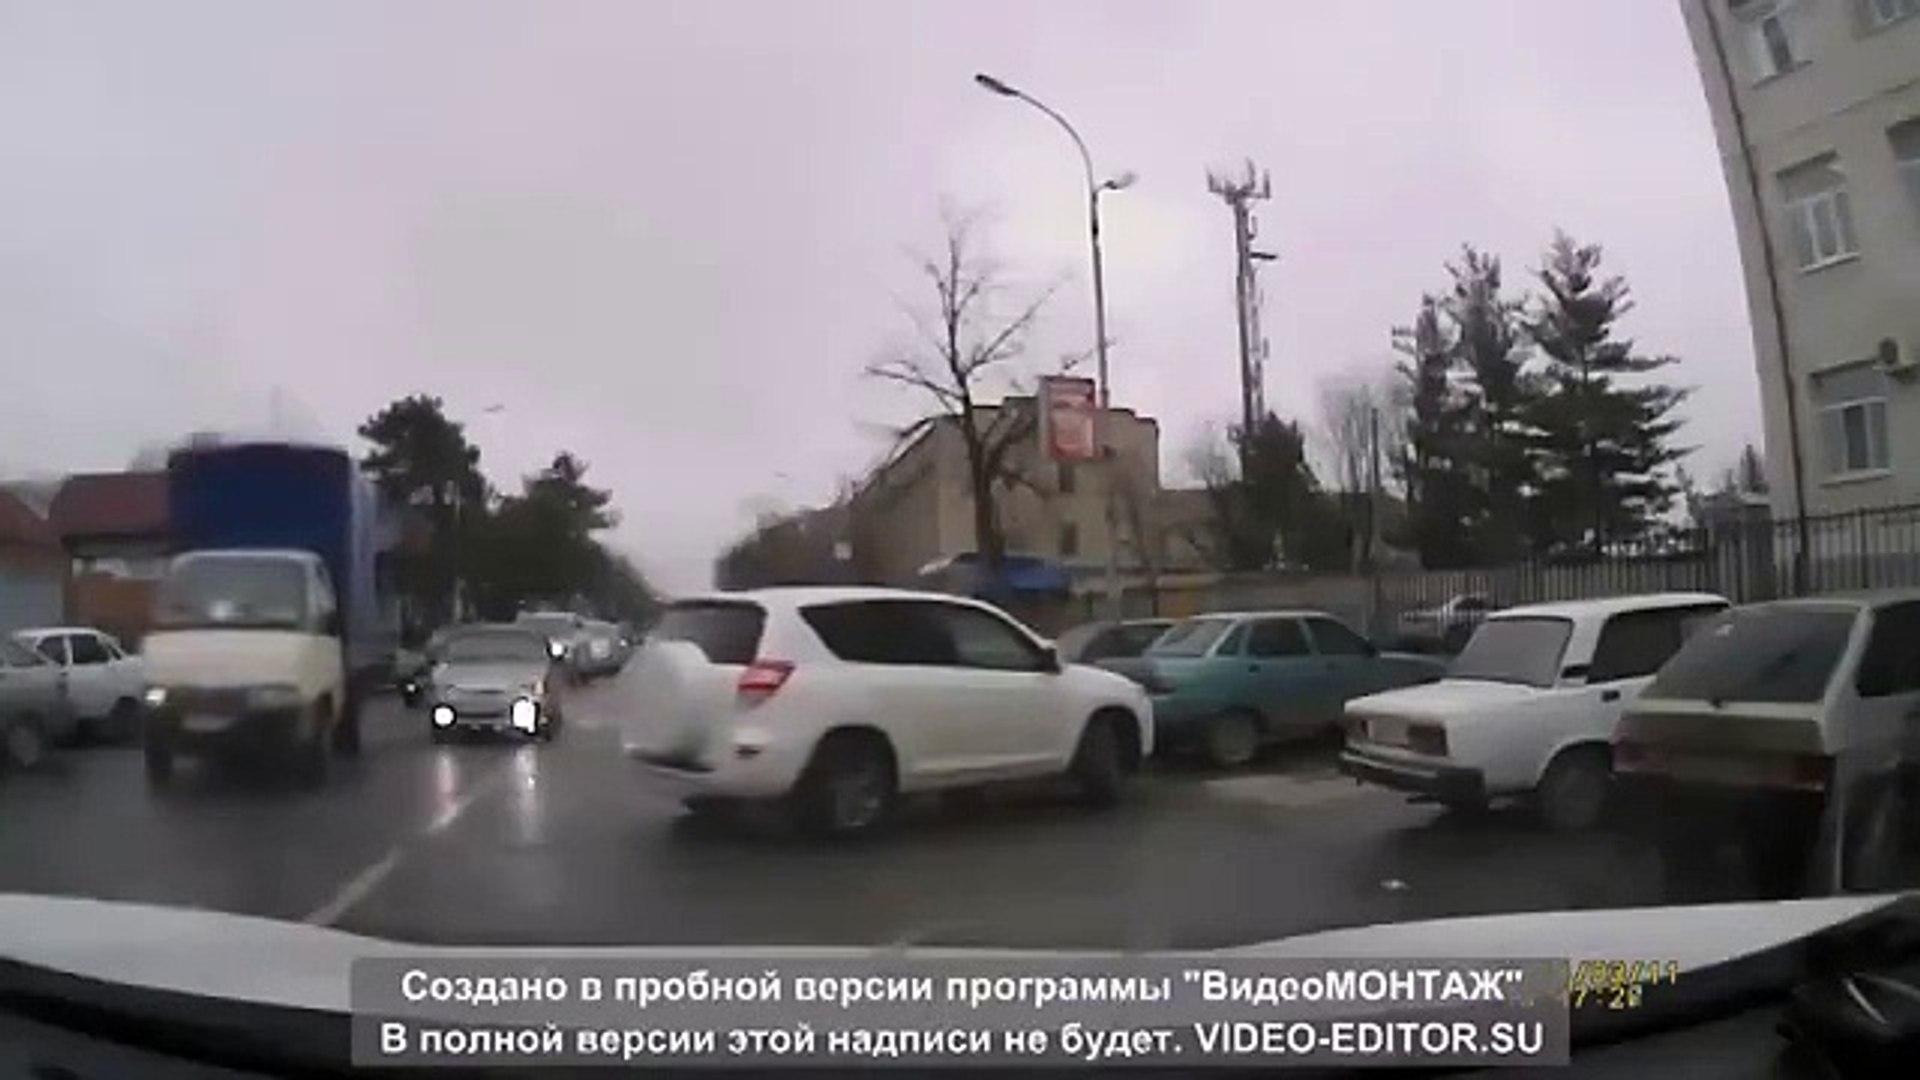 Права купила, а водить не купила, не продали!)))) РЖАКА